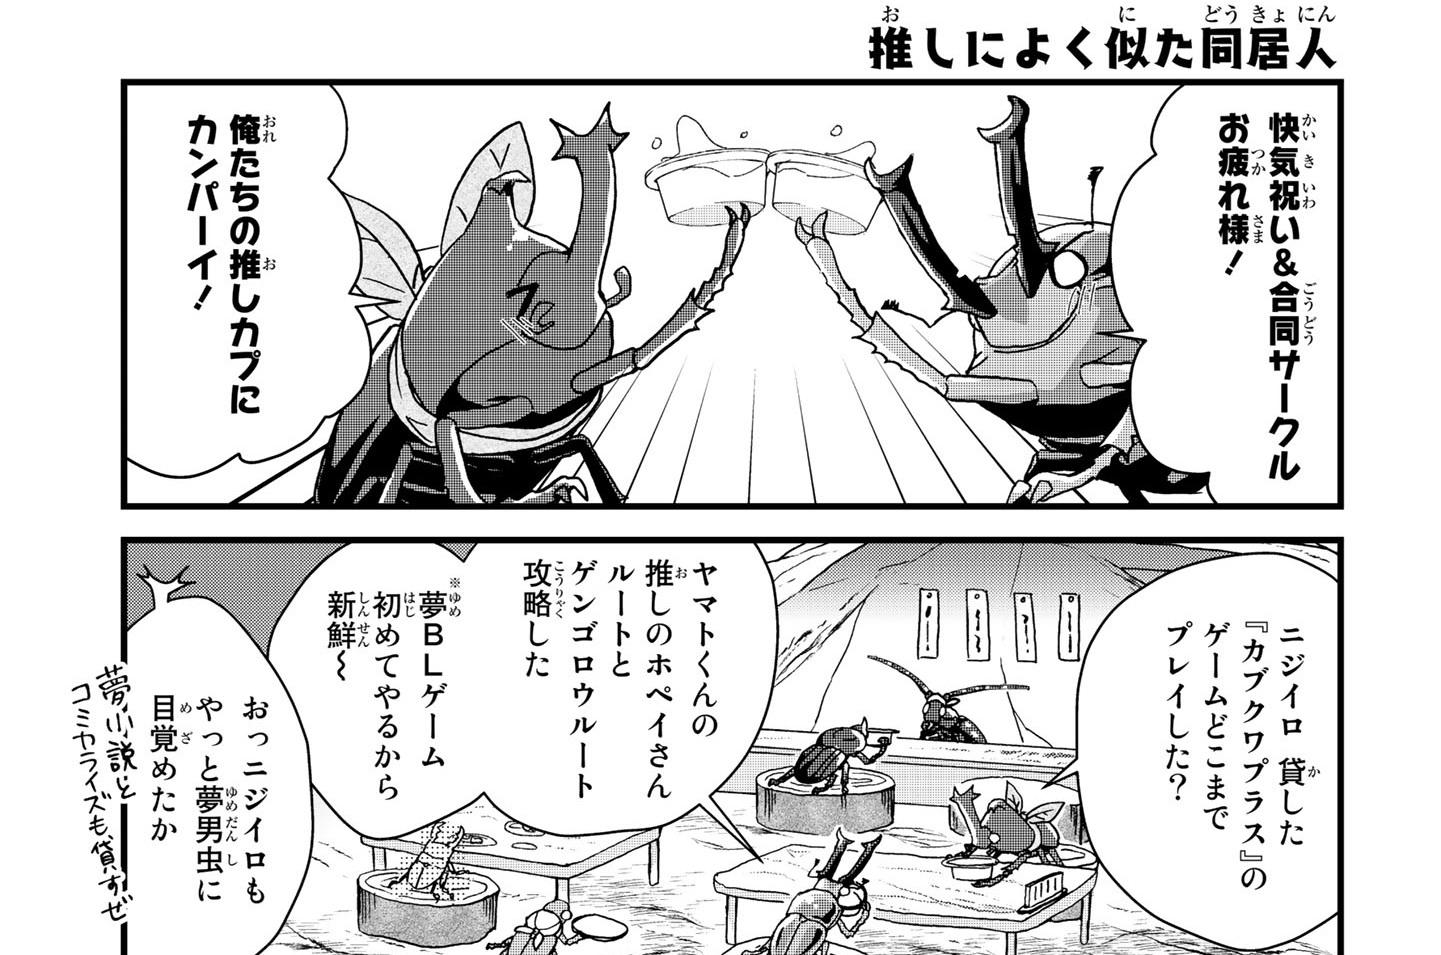 第16話「夢男虫、夢と現実の狭間に揺れる【前編】」